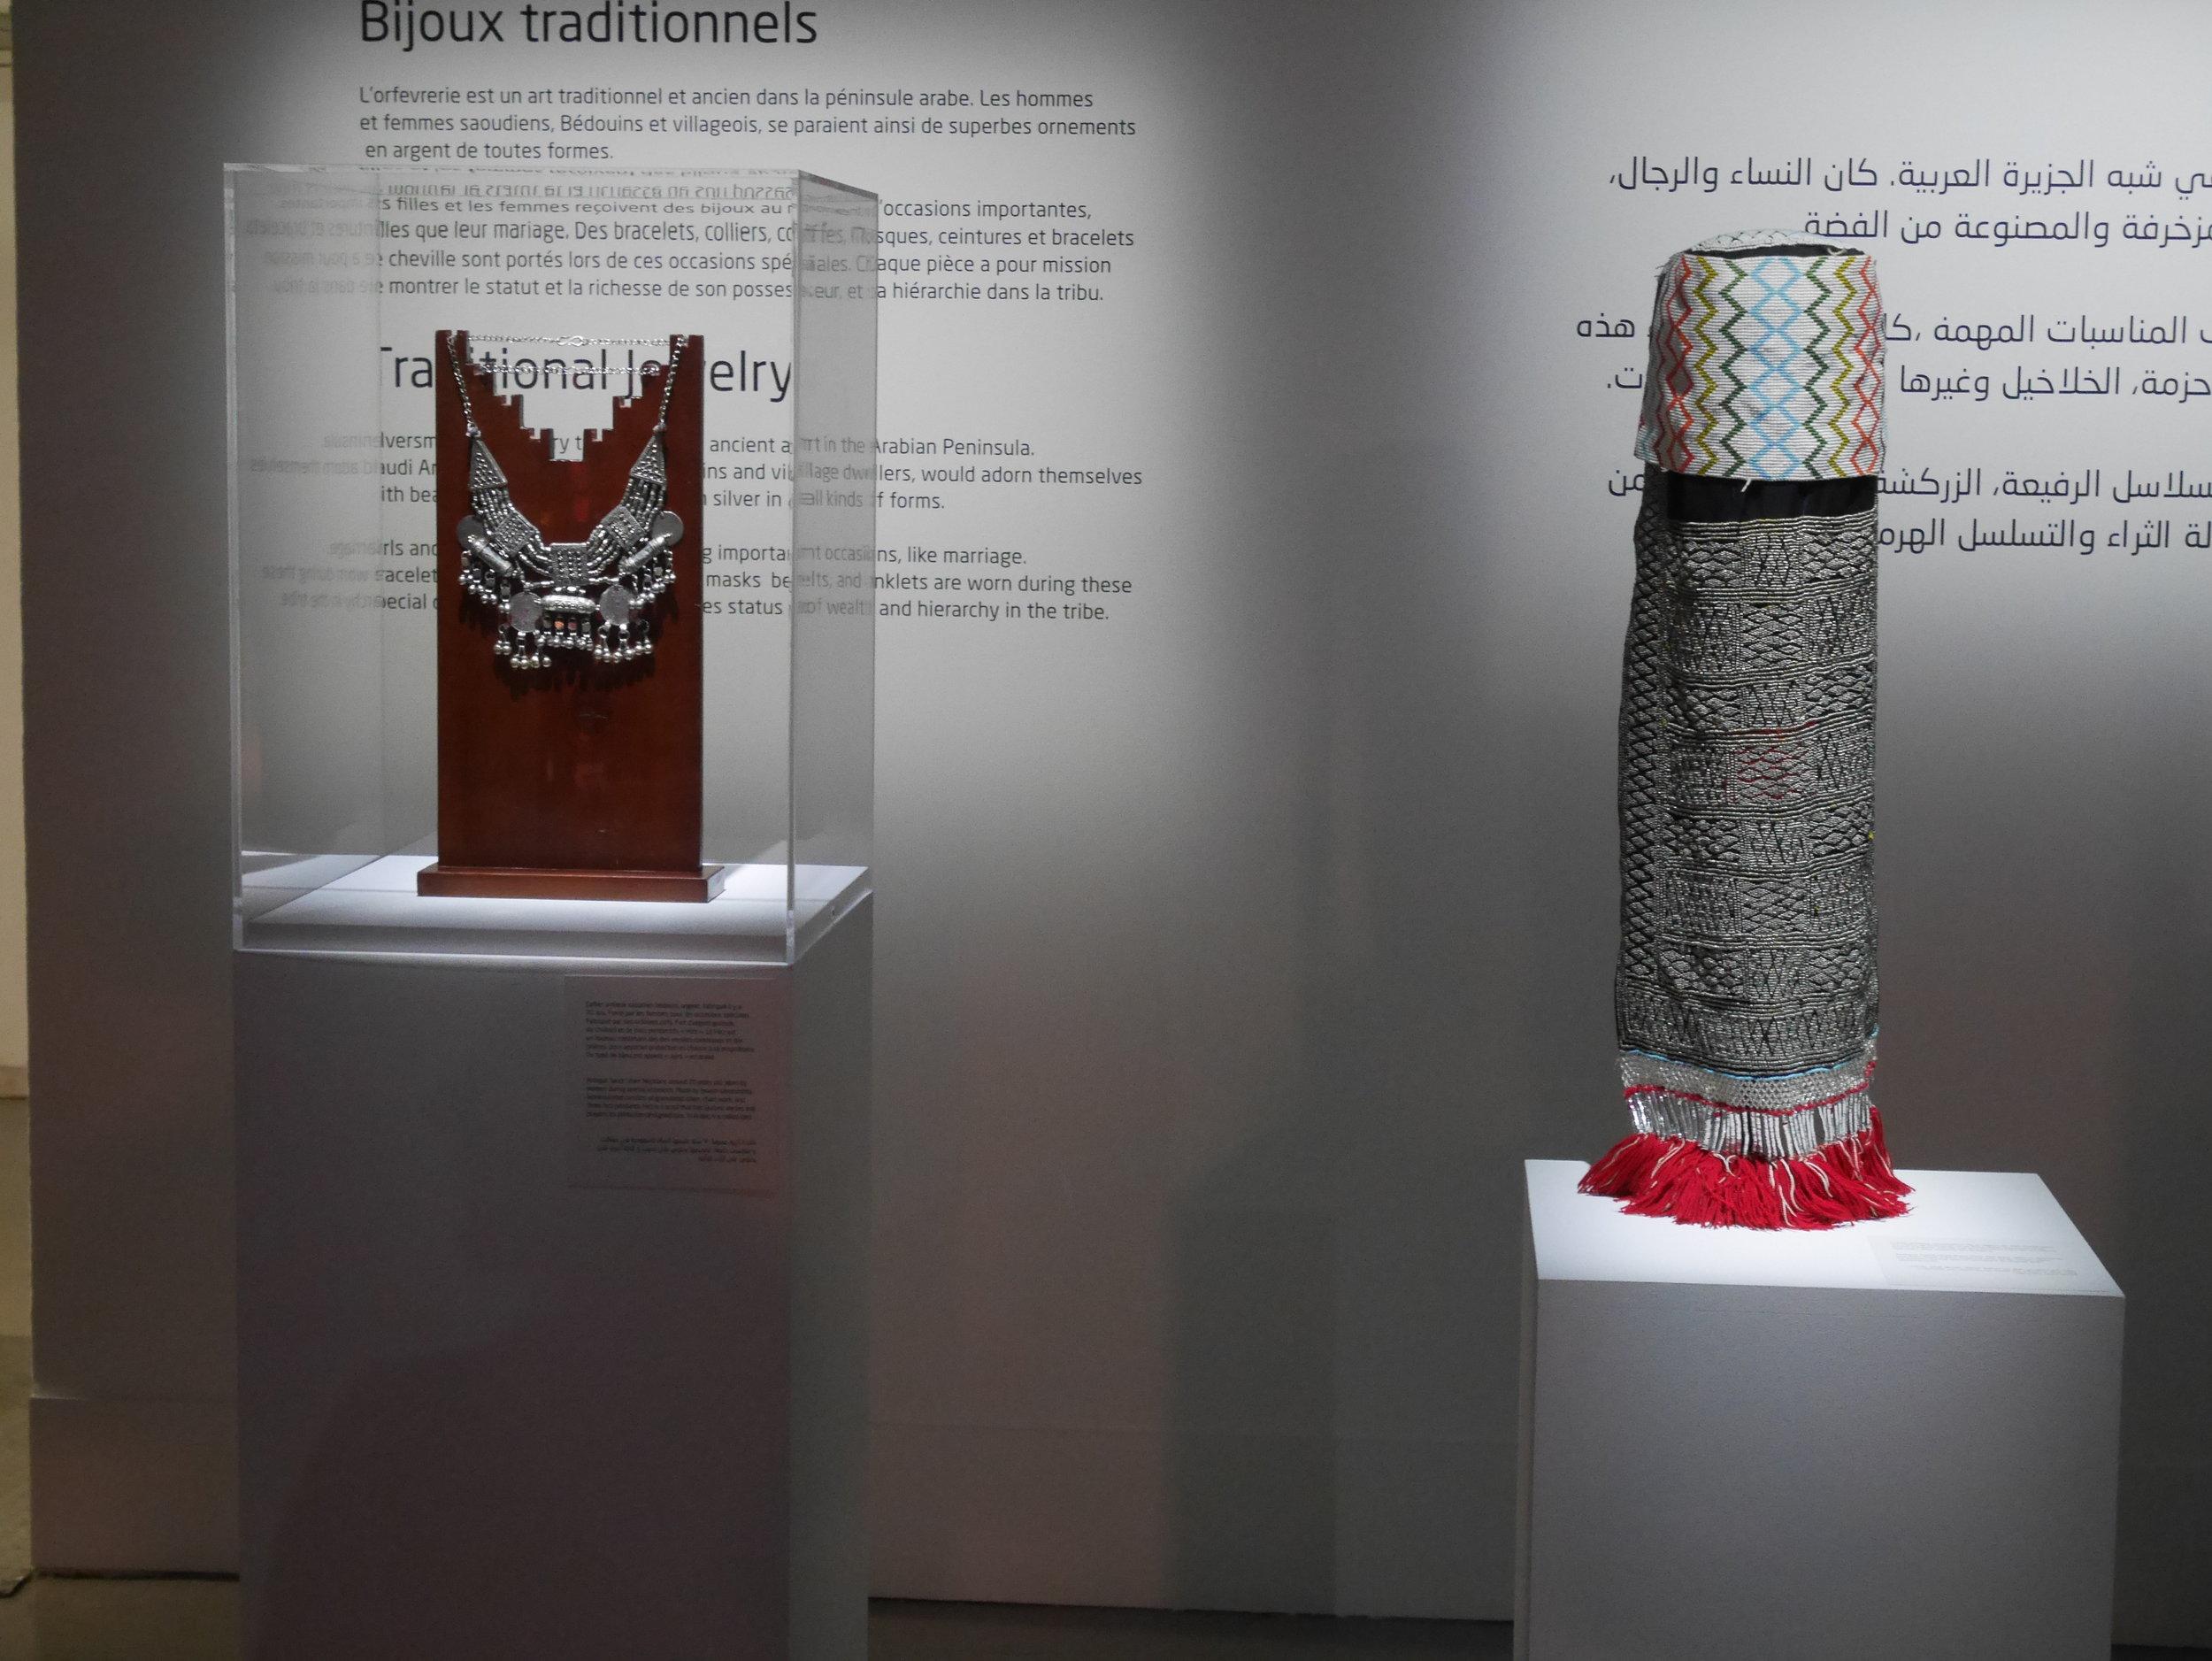 bon-plan-exposition-journees-culturelles-saoudiennes-palais-tokyo-elisa-les-bons-tuyaux-2.JPG